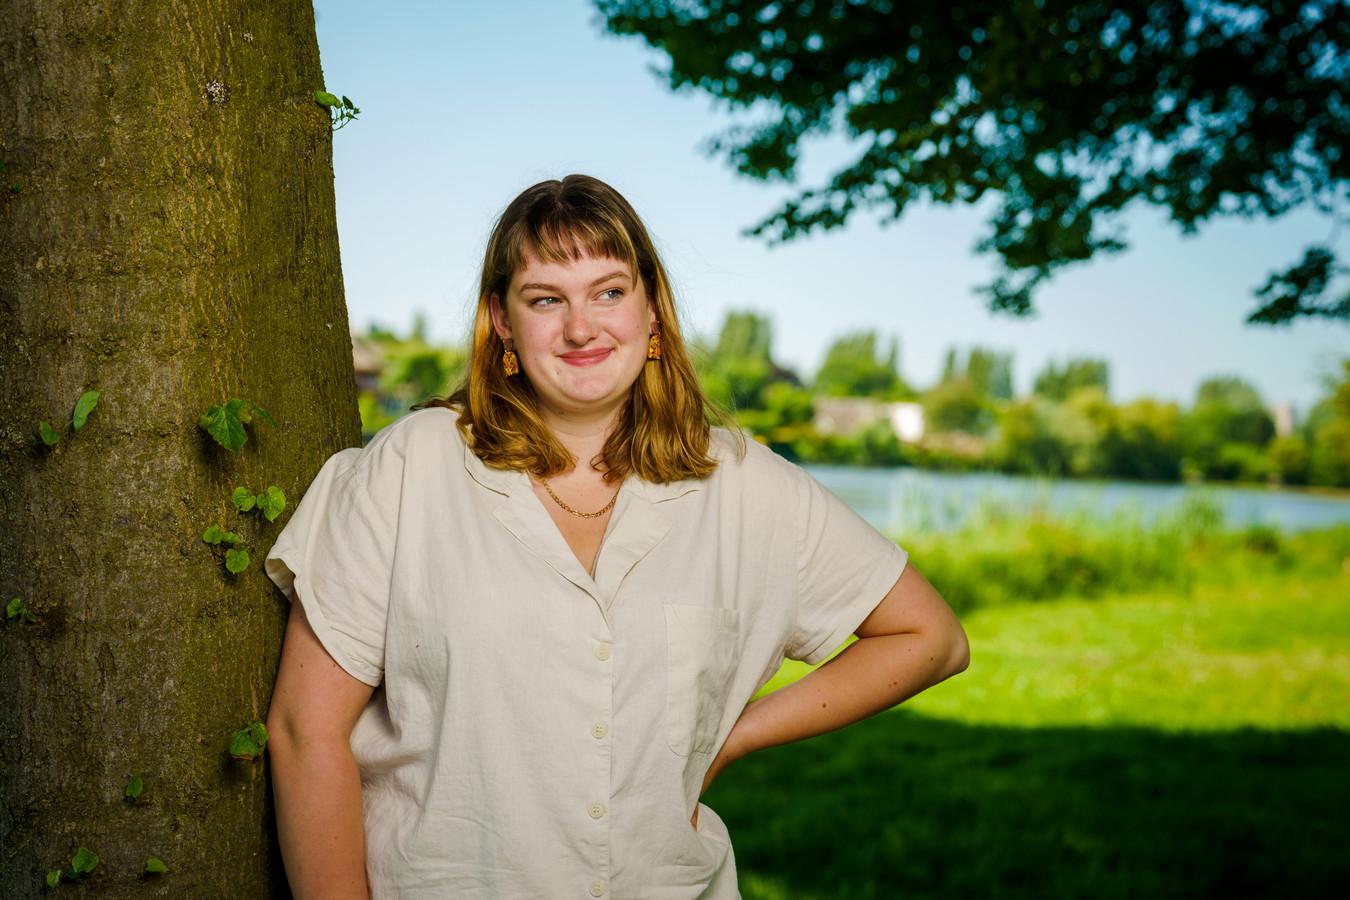 Alina Bijl, nieuwe voorzitter van Young FNV, de jongerentak van de vakbond. Daarnaast is ze vrijdag gekozen als lid van de Sociaal-Economische Raad (SER).